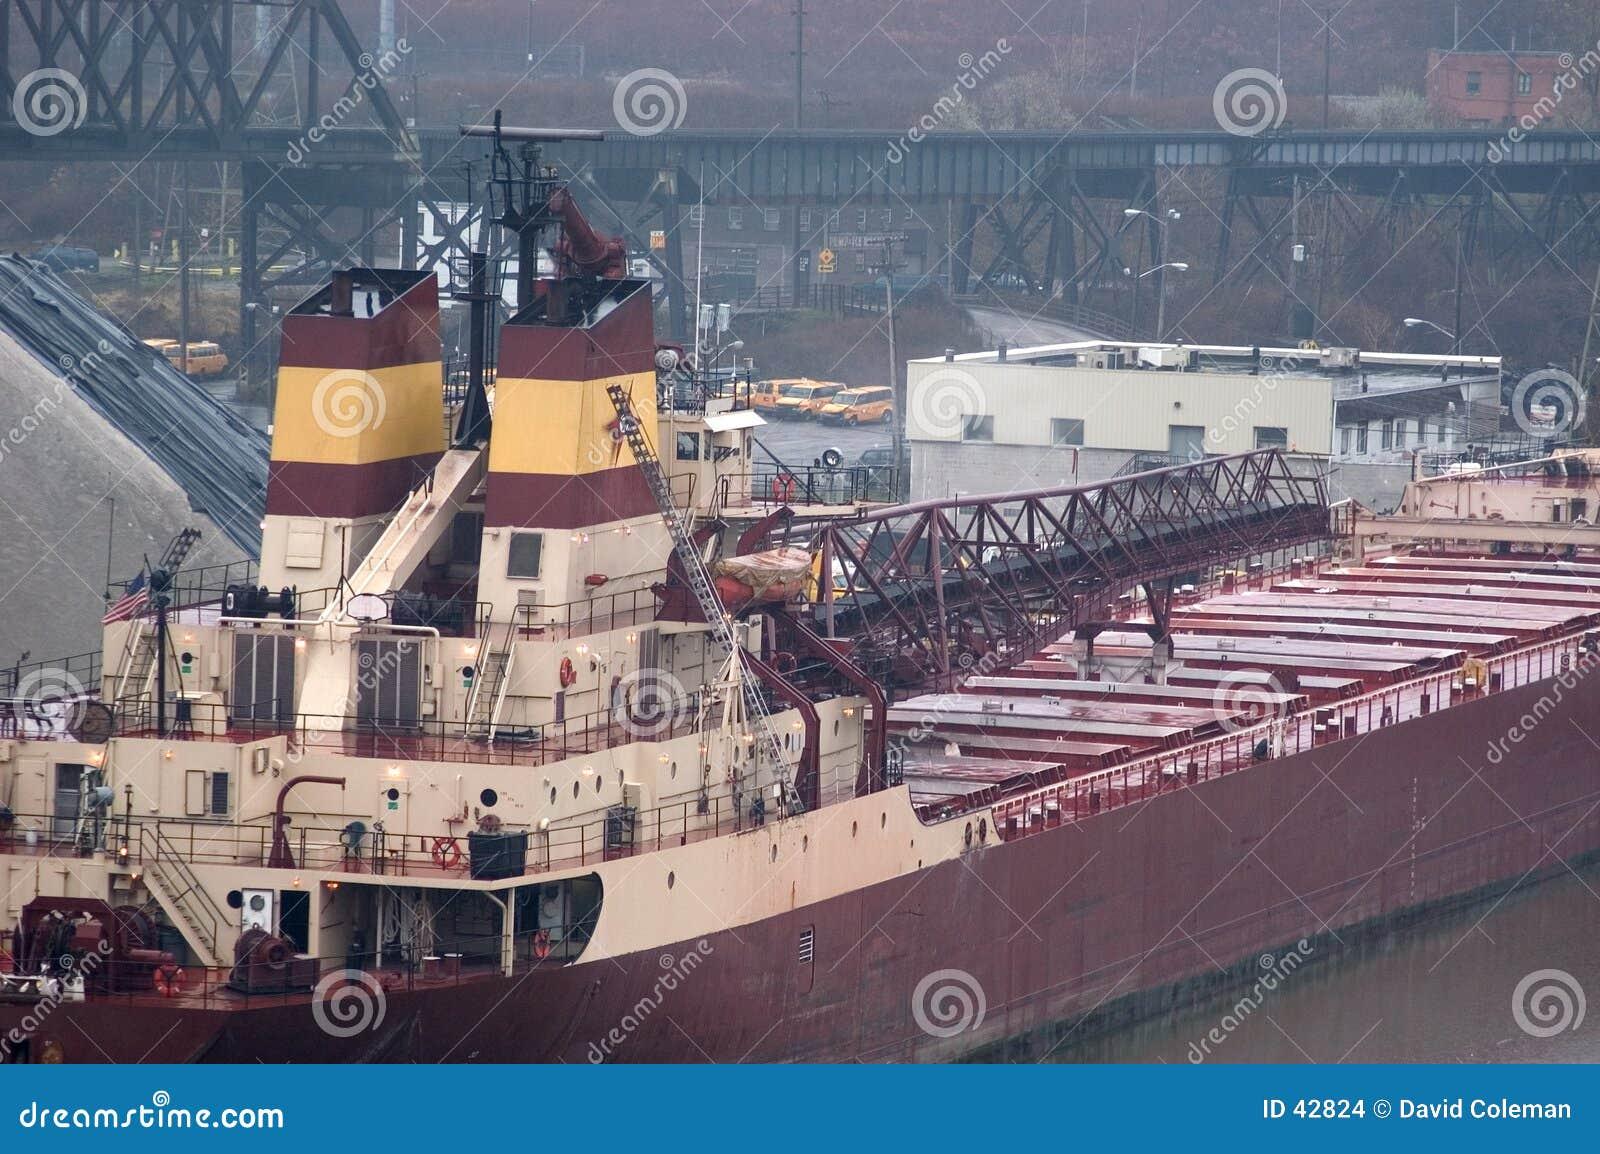 Large Ship at Dock